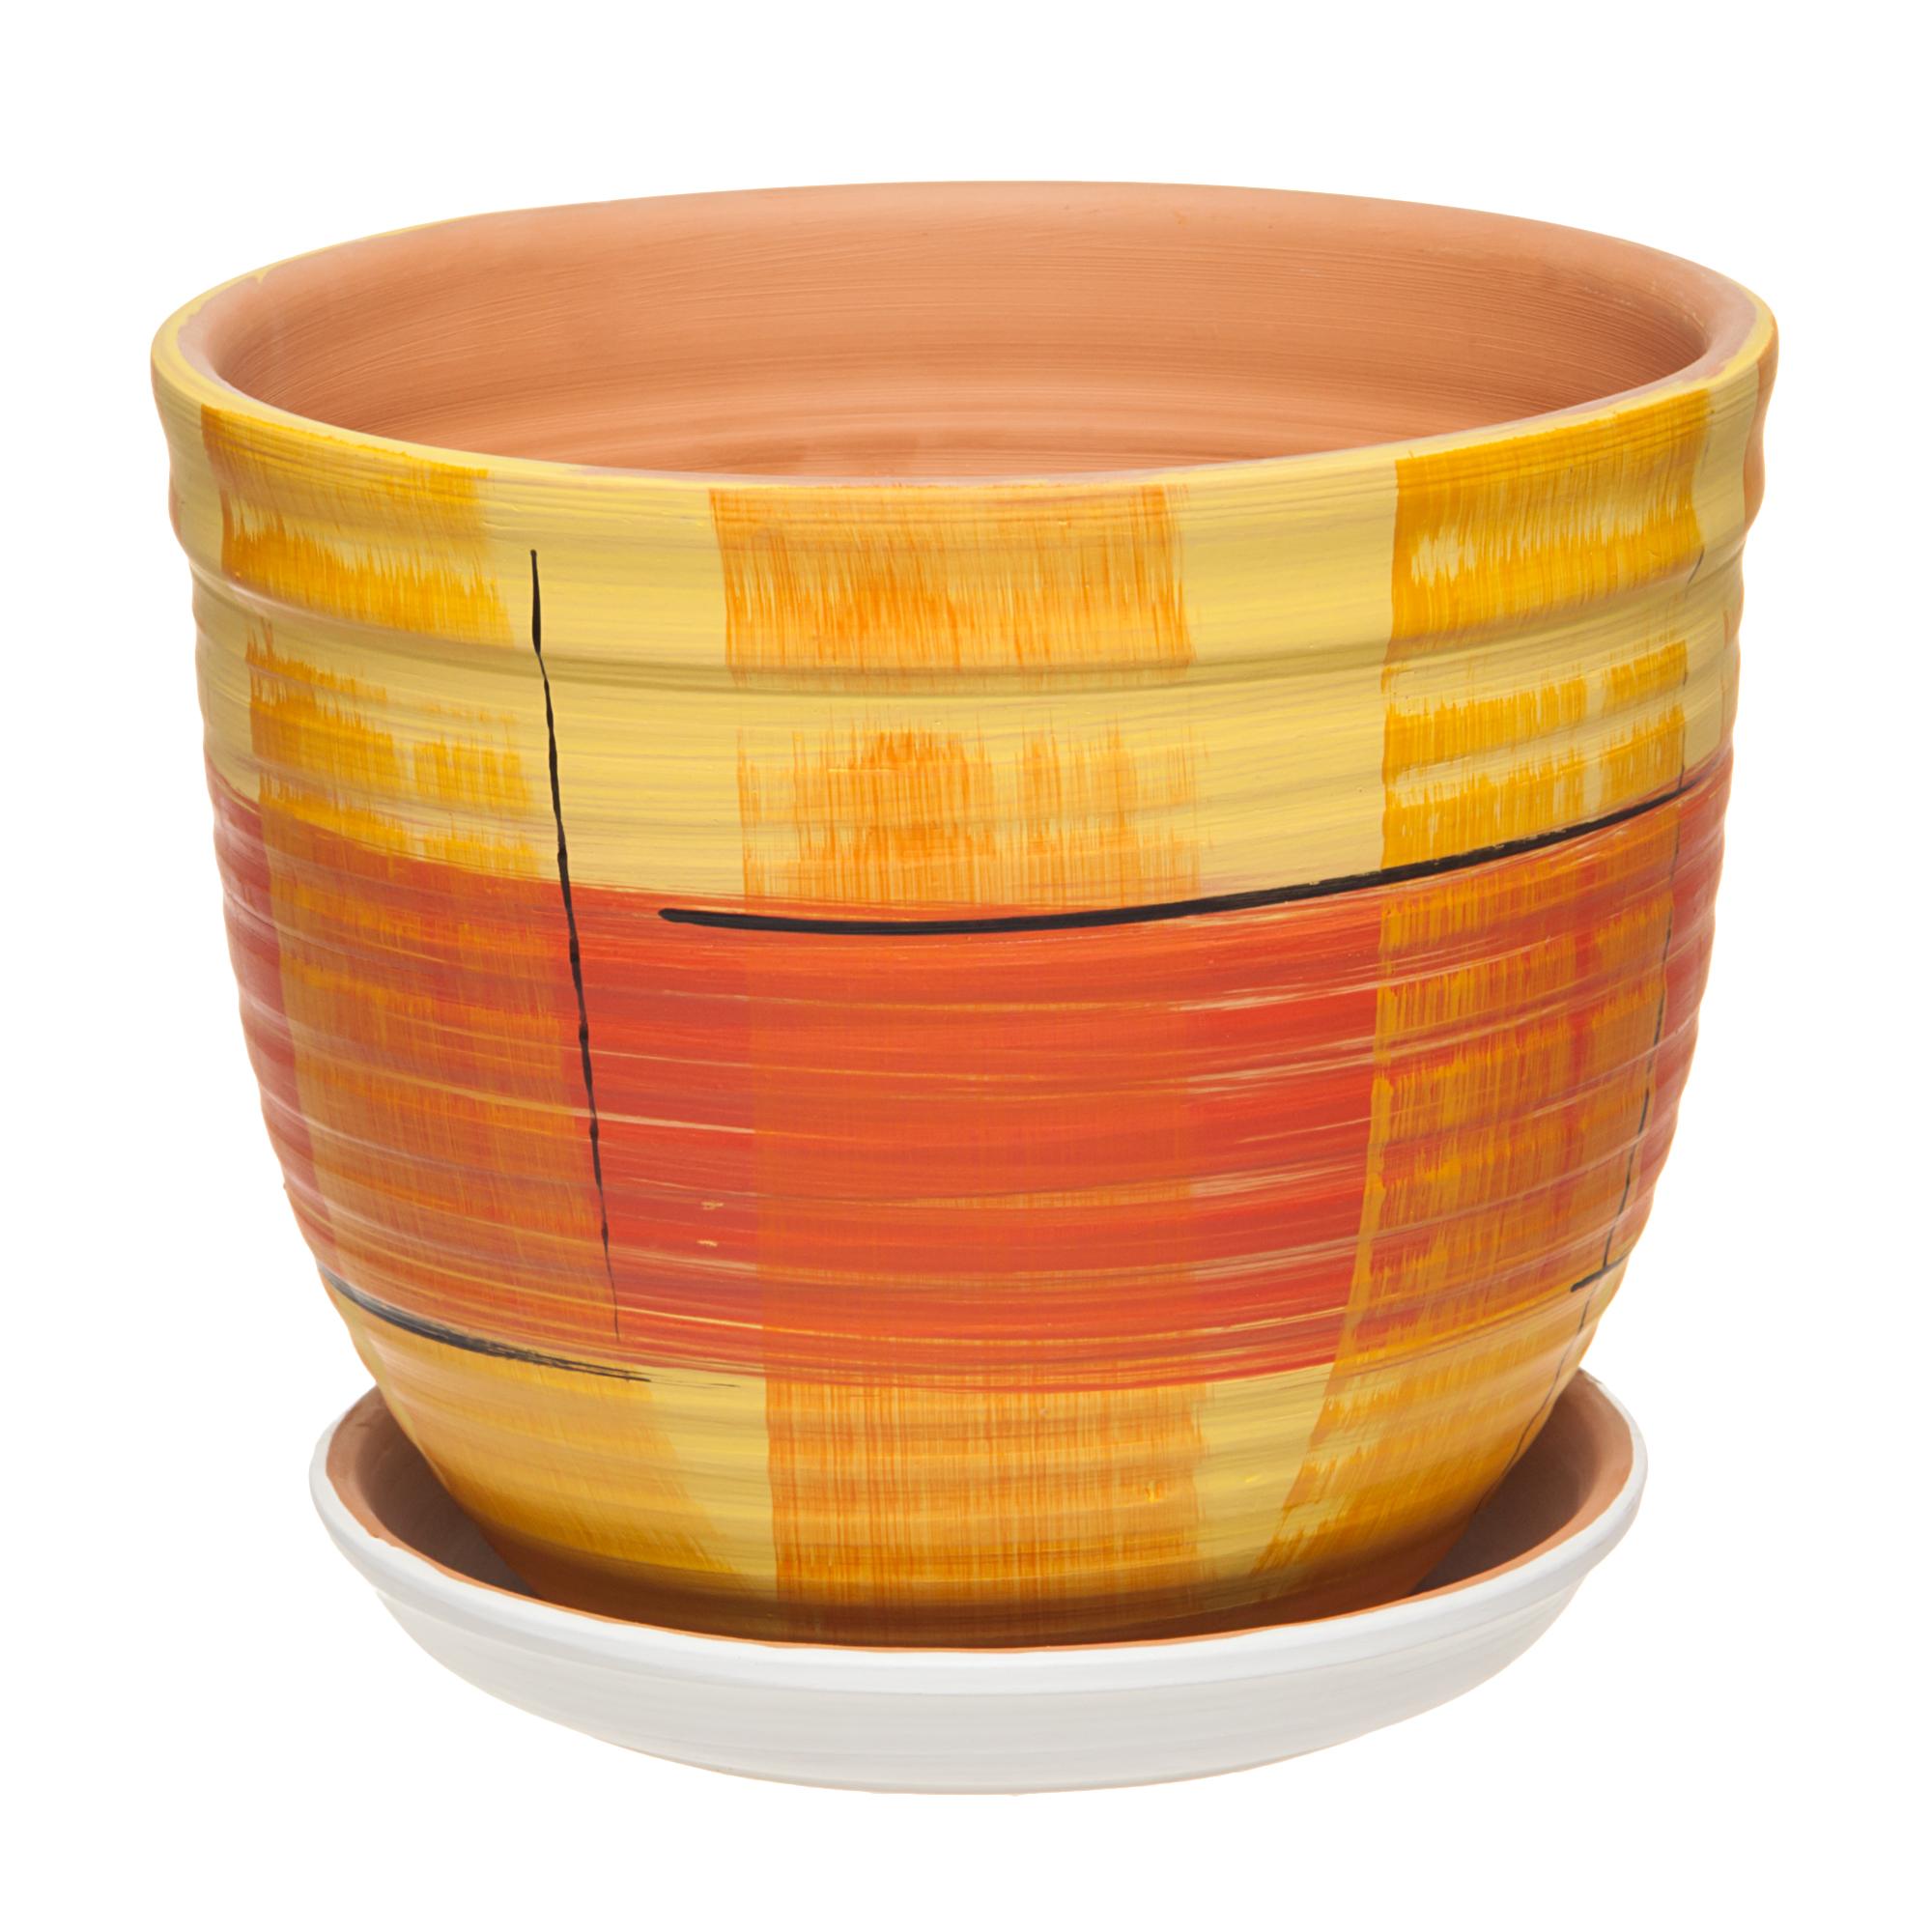 Горшок Серебряный ручей D 18.5 см оранжевый фото